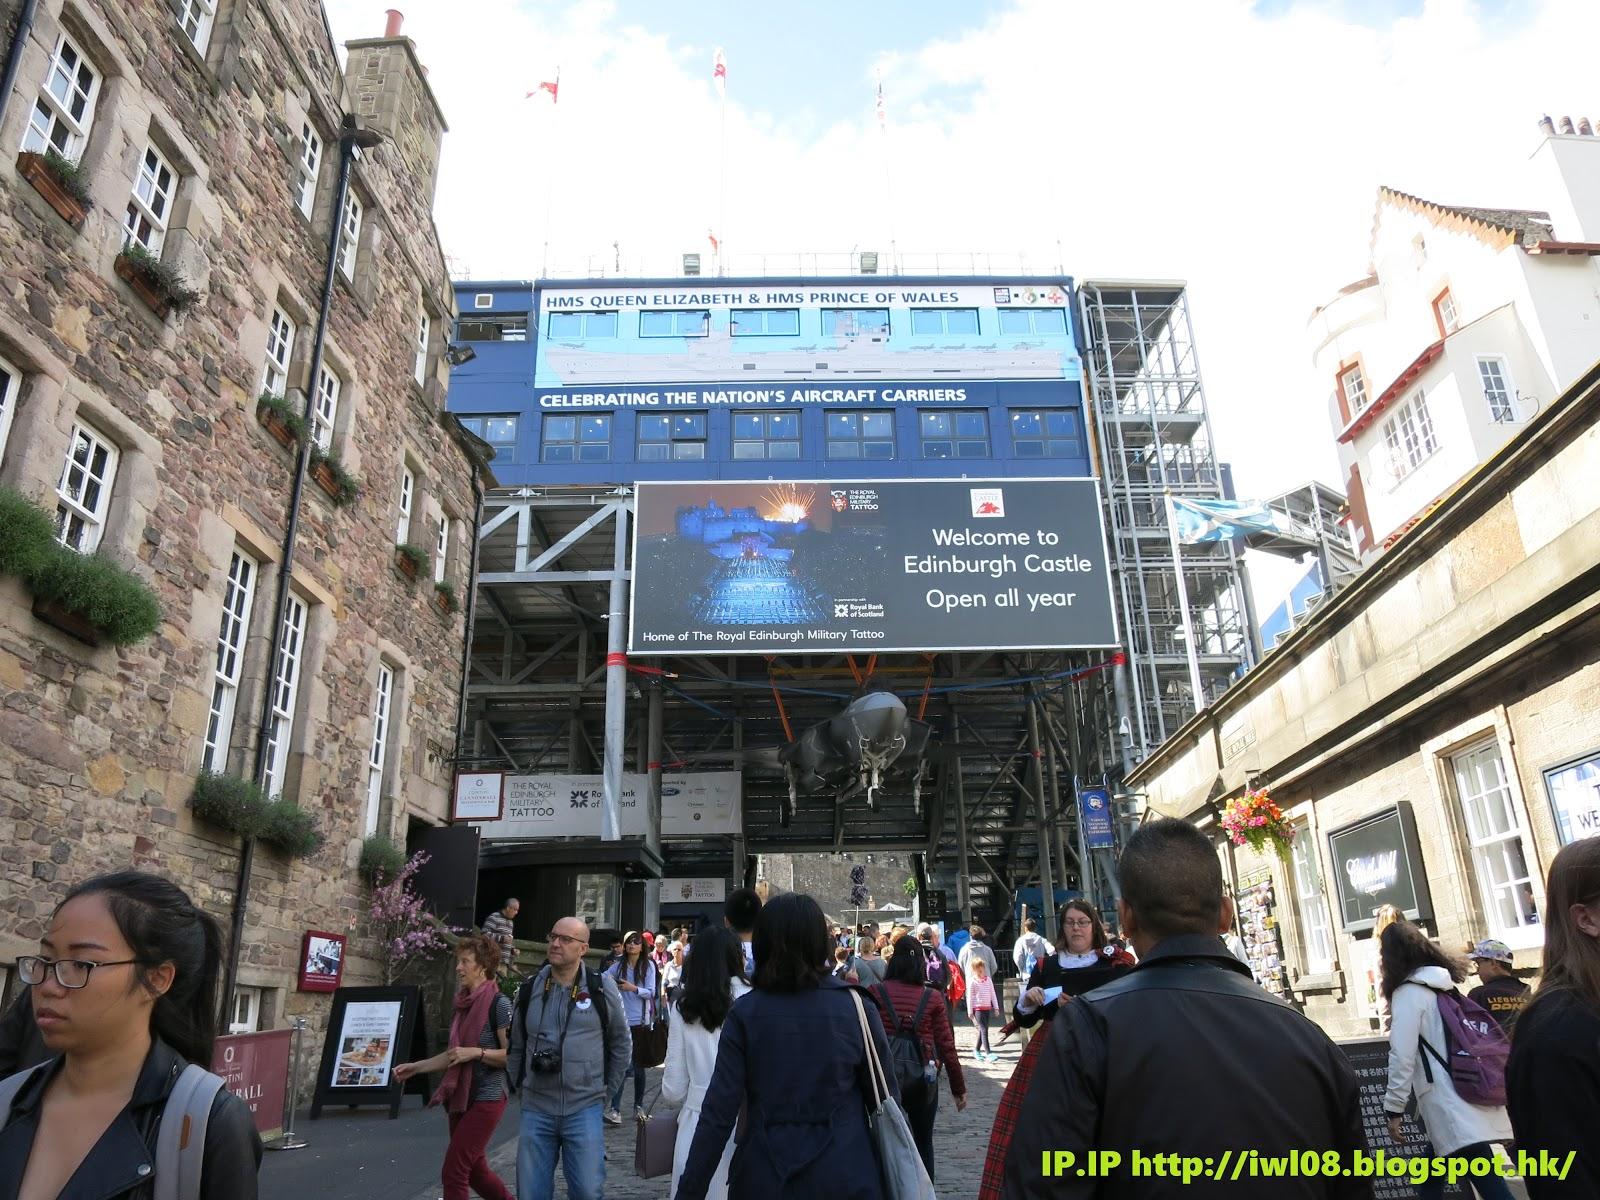 枯葉之地。。。跳出世界: 由倫敦 London 出發愛丁堡 Edinburgh+高地 4 日遊_DAY 1_皇家英里大道 Royal Mile+愛丁堡城堡 ...